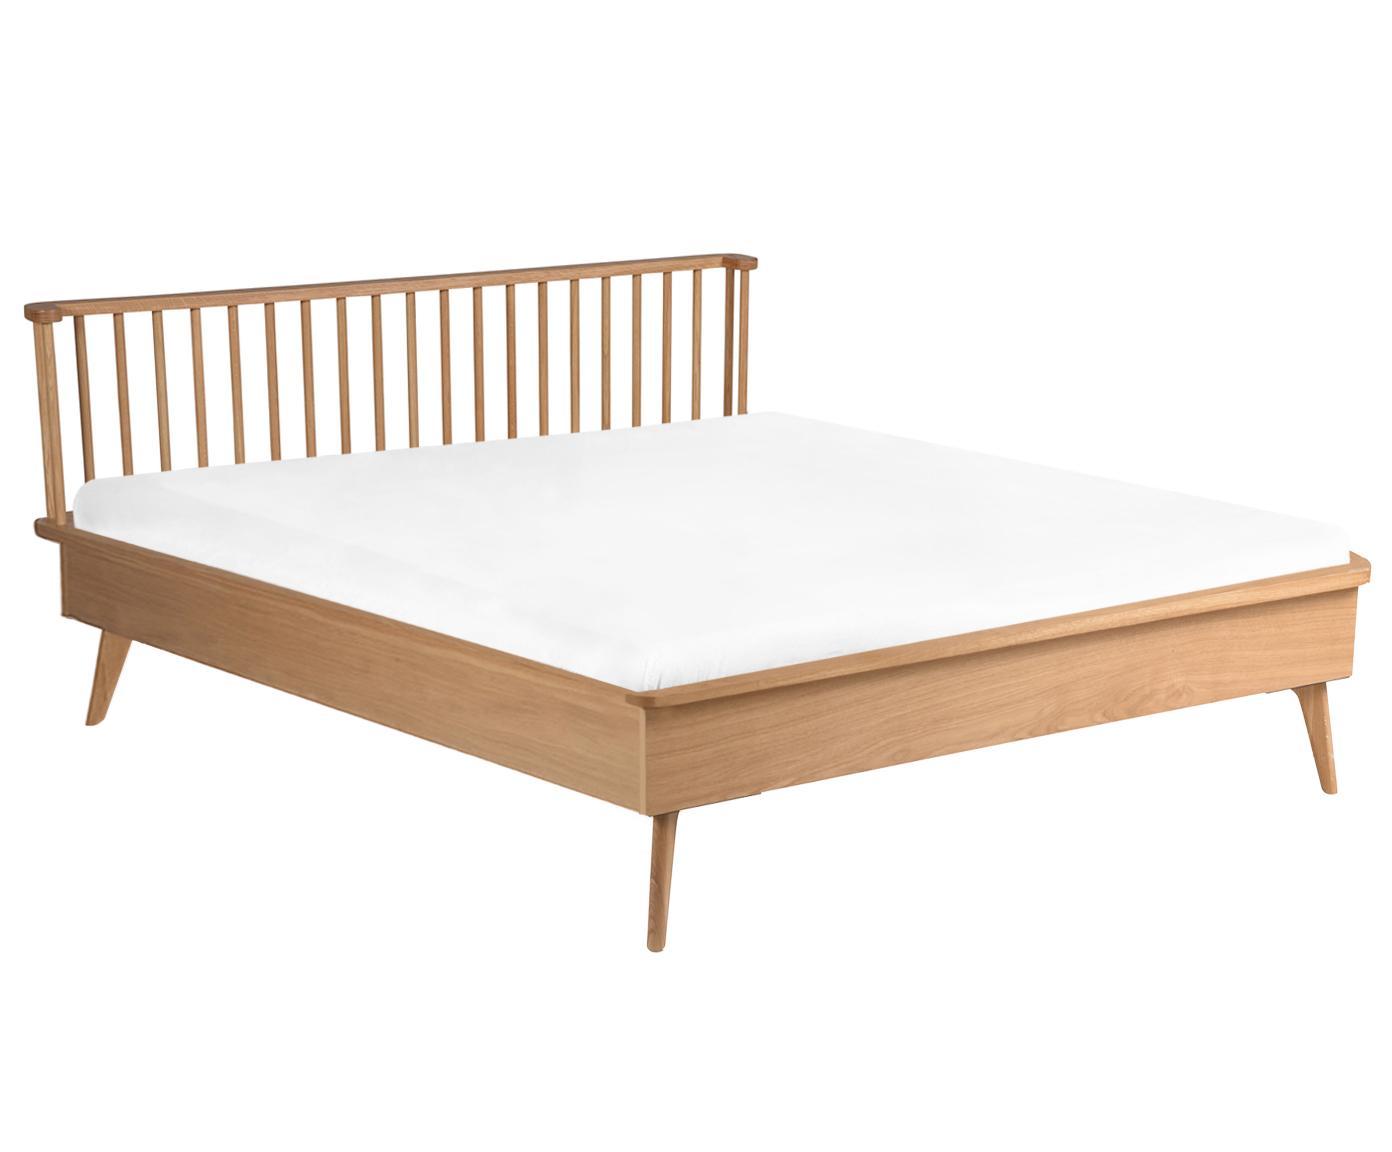 Łóżko z drewna Wild, Płyta pilśniowa (MDF), fornir z drewna dębowego, Drewno dębowe, 140 x 190 cm